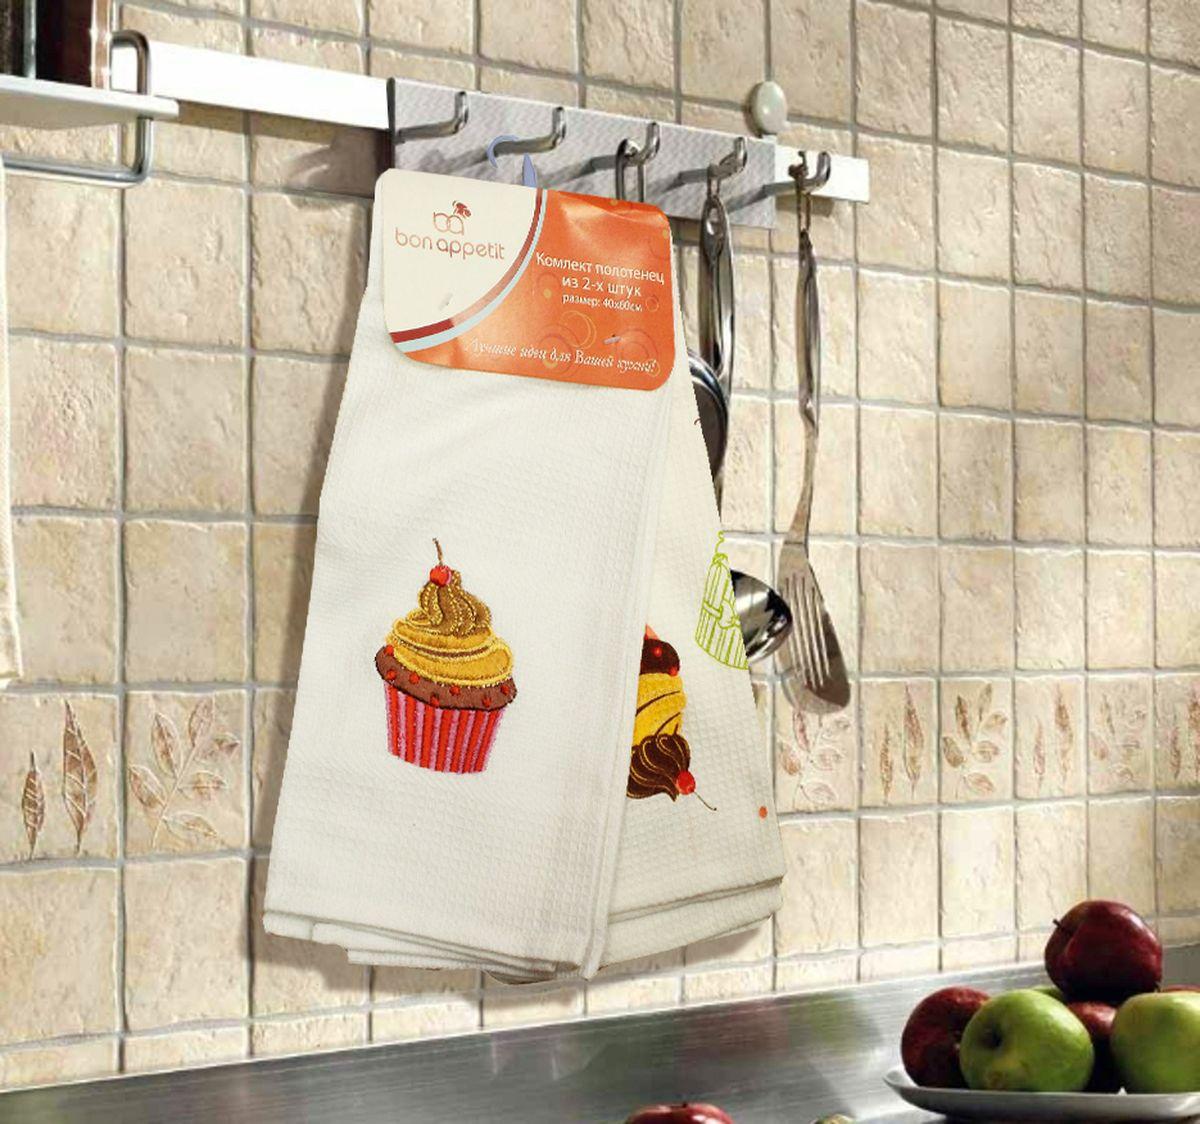 Набор кухонных полотенец Bon Appetit Cake, цвет: красный, 2 шт68109Кухонные Полотенца Bon Appetit - В помощь хозяйке на кухне!!! Кухонные Полотенца Bon Appetit идеально дополнят интерьер вашей кухни и создадут атмосферу уюта и комфорта. Полотенца выполнены из натурального 100% Хлопка, поэтому являются экологически чистыми. Качество материала гарантирует безопасность не только взрослых, но и самых маленьких членов семьи. Bon Appetit – Интерьер и Практичность Современной Кухни!